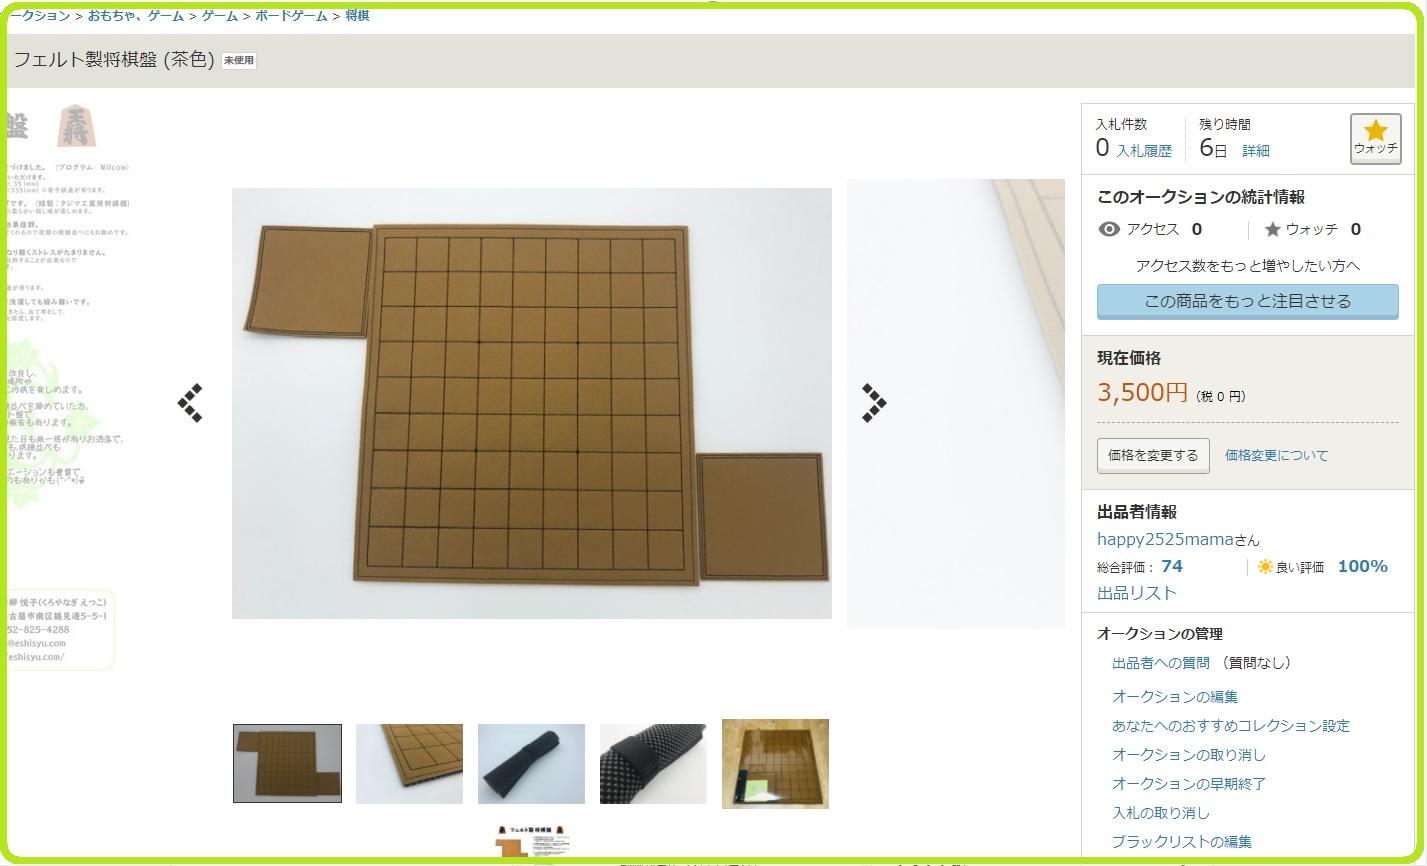 久しぶりぶりのヤフオクの出品 ☖フェルト製将棋盤☖